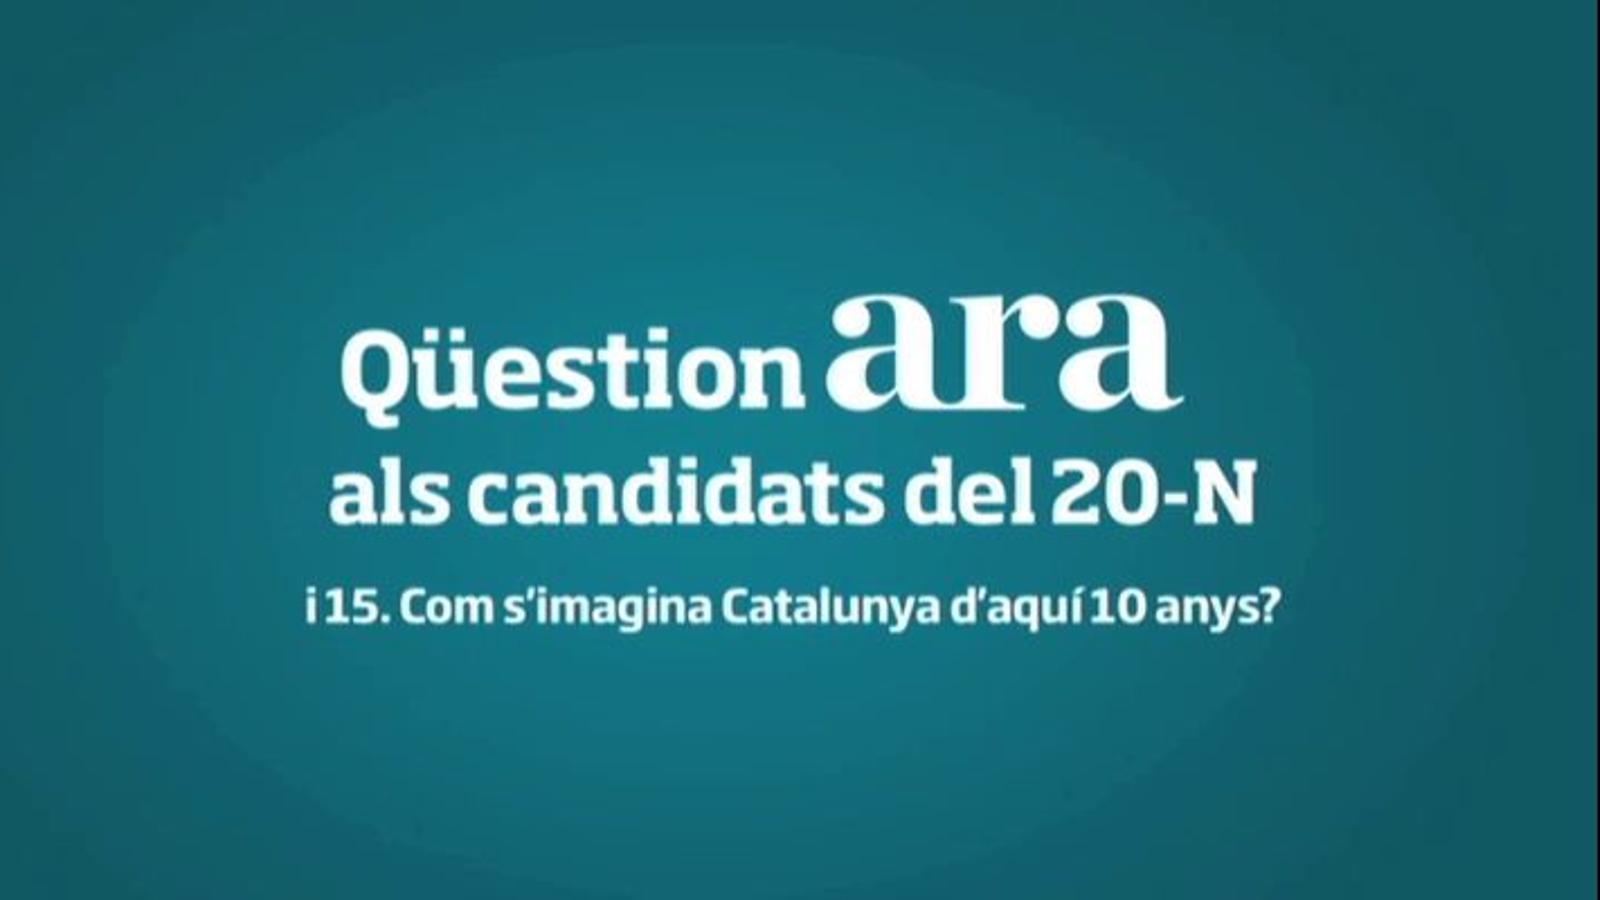 Com s'imagina Catalunya d'aquí 10 anys?